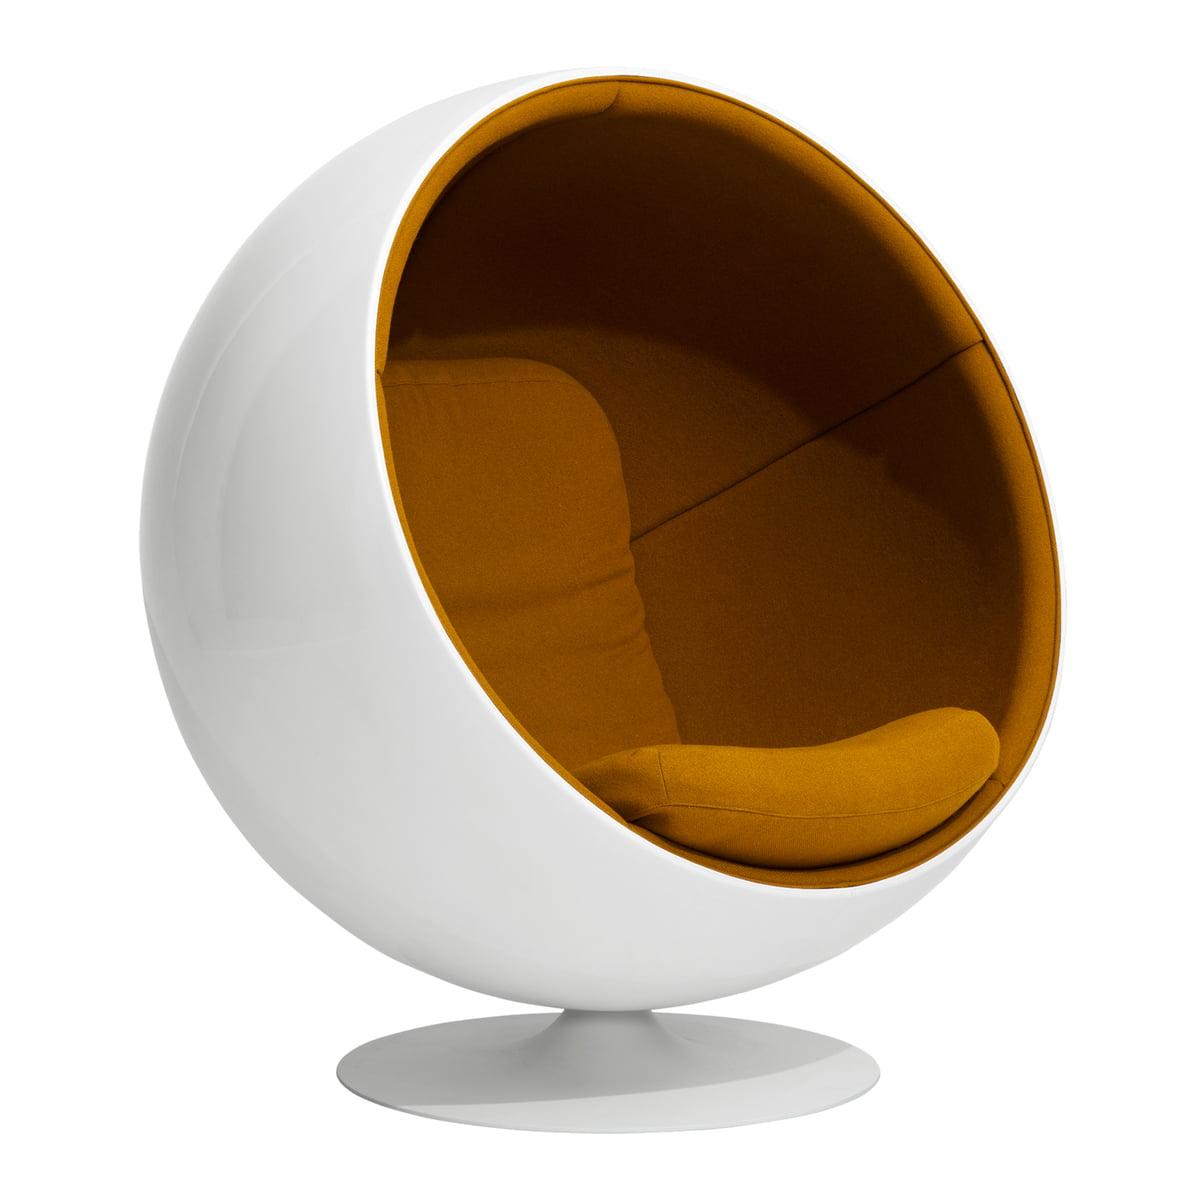 Eero Aarnio Originals Fauteuil Ball Chair, orange (Hallingdal 65 547)